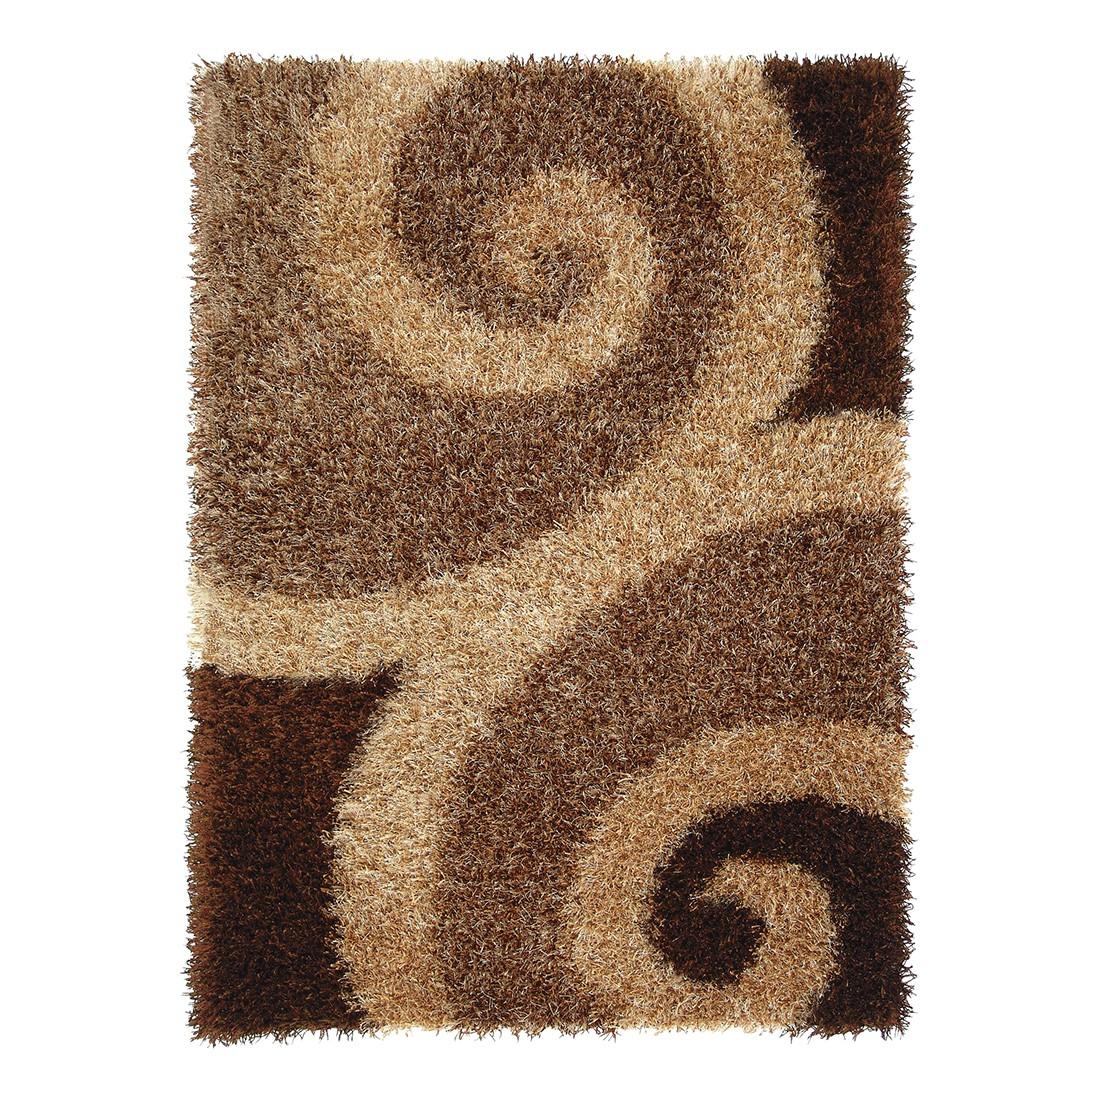 Teppich Lavella 80 – Braun – 200 x 300 cm, Luxor living kaufen